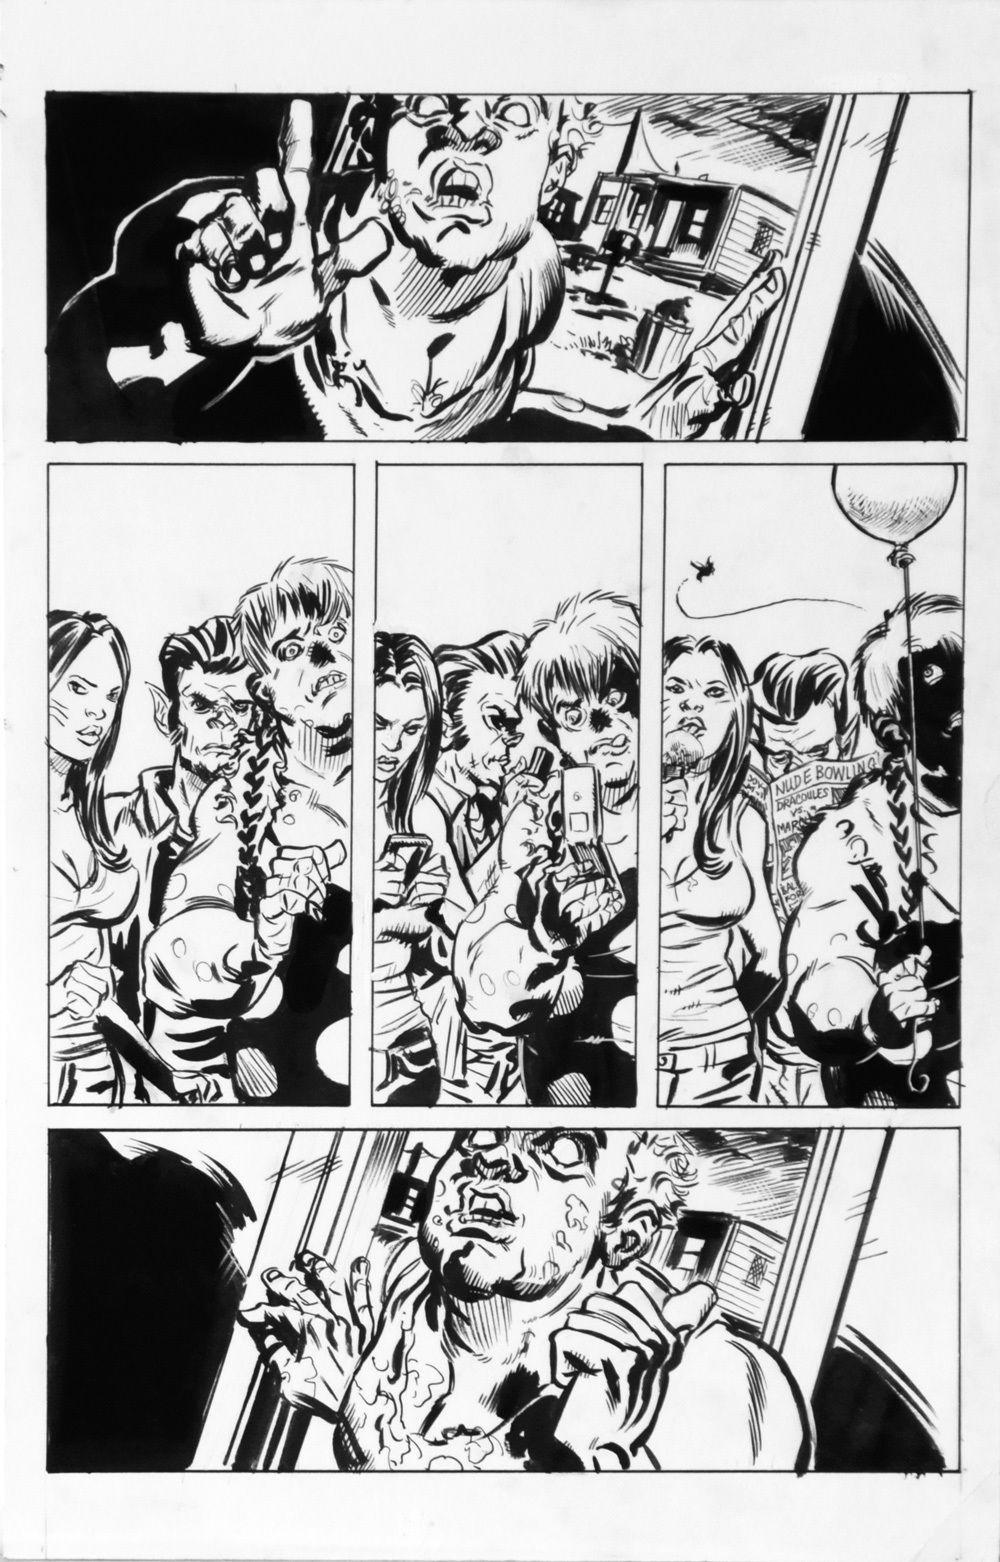 DEAN KOTZ Original Published Art, TRAILER PARK of TERROR #10 page 18, Zombies